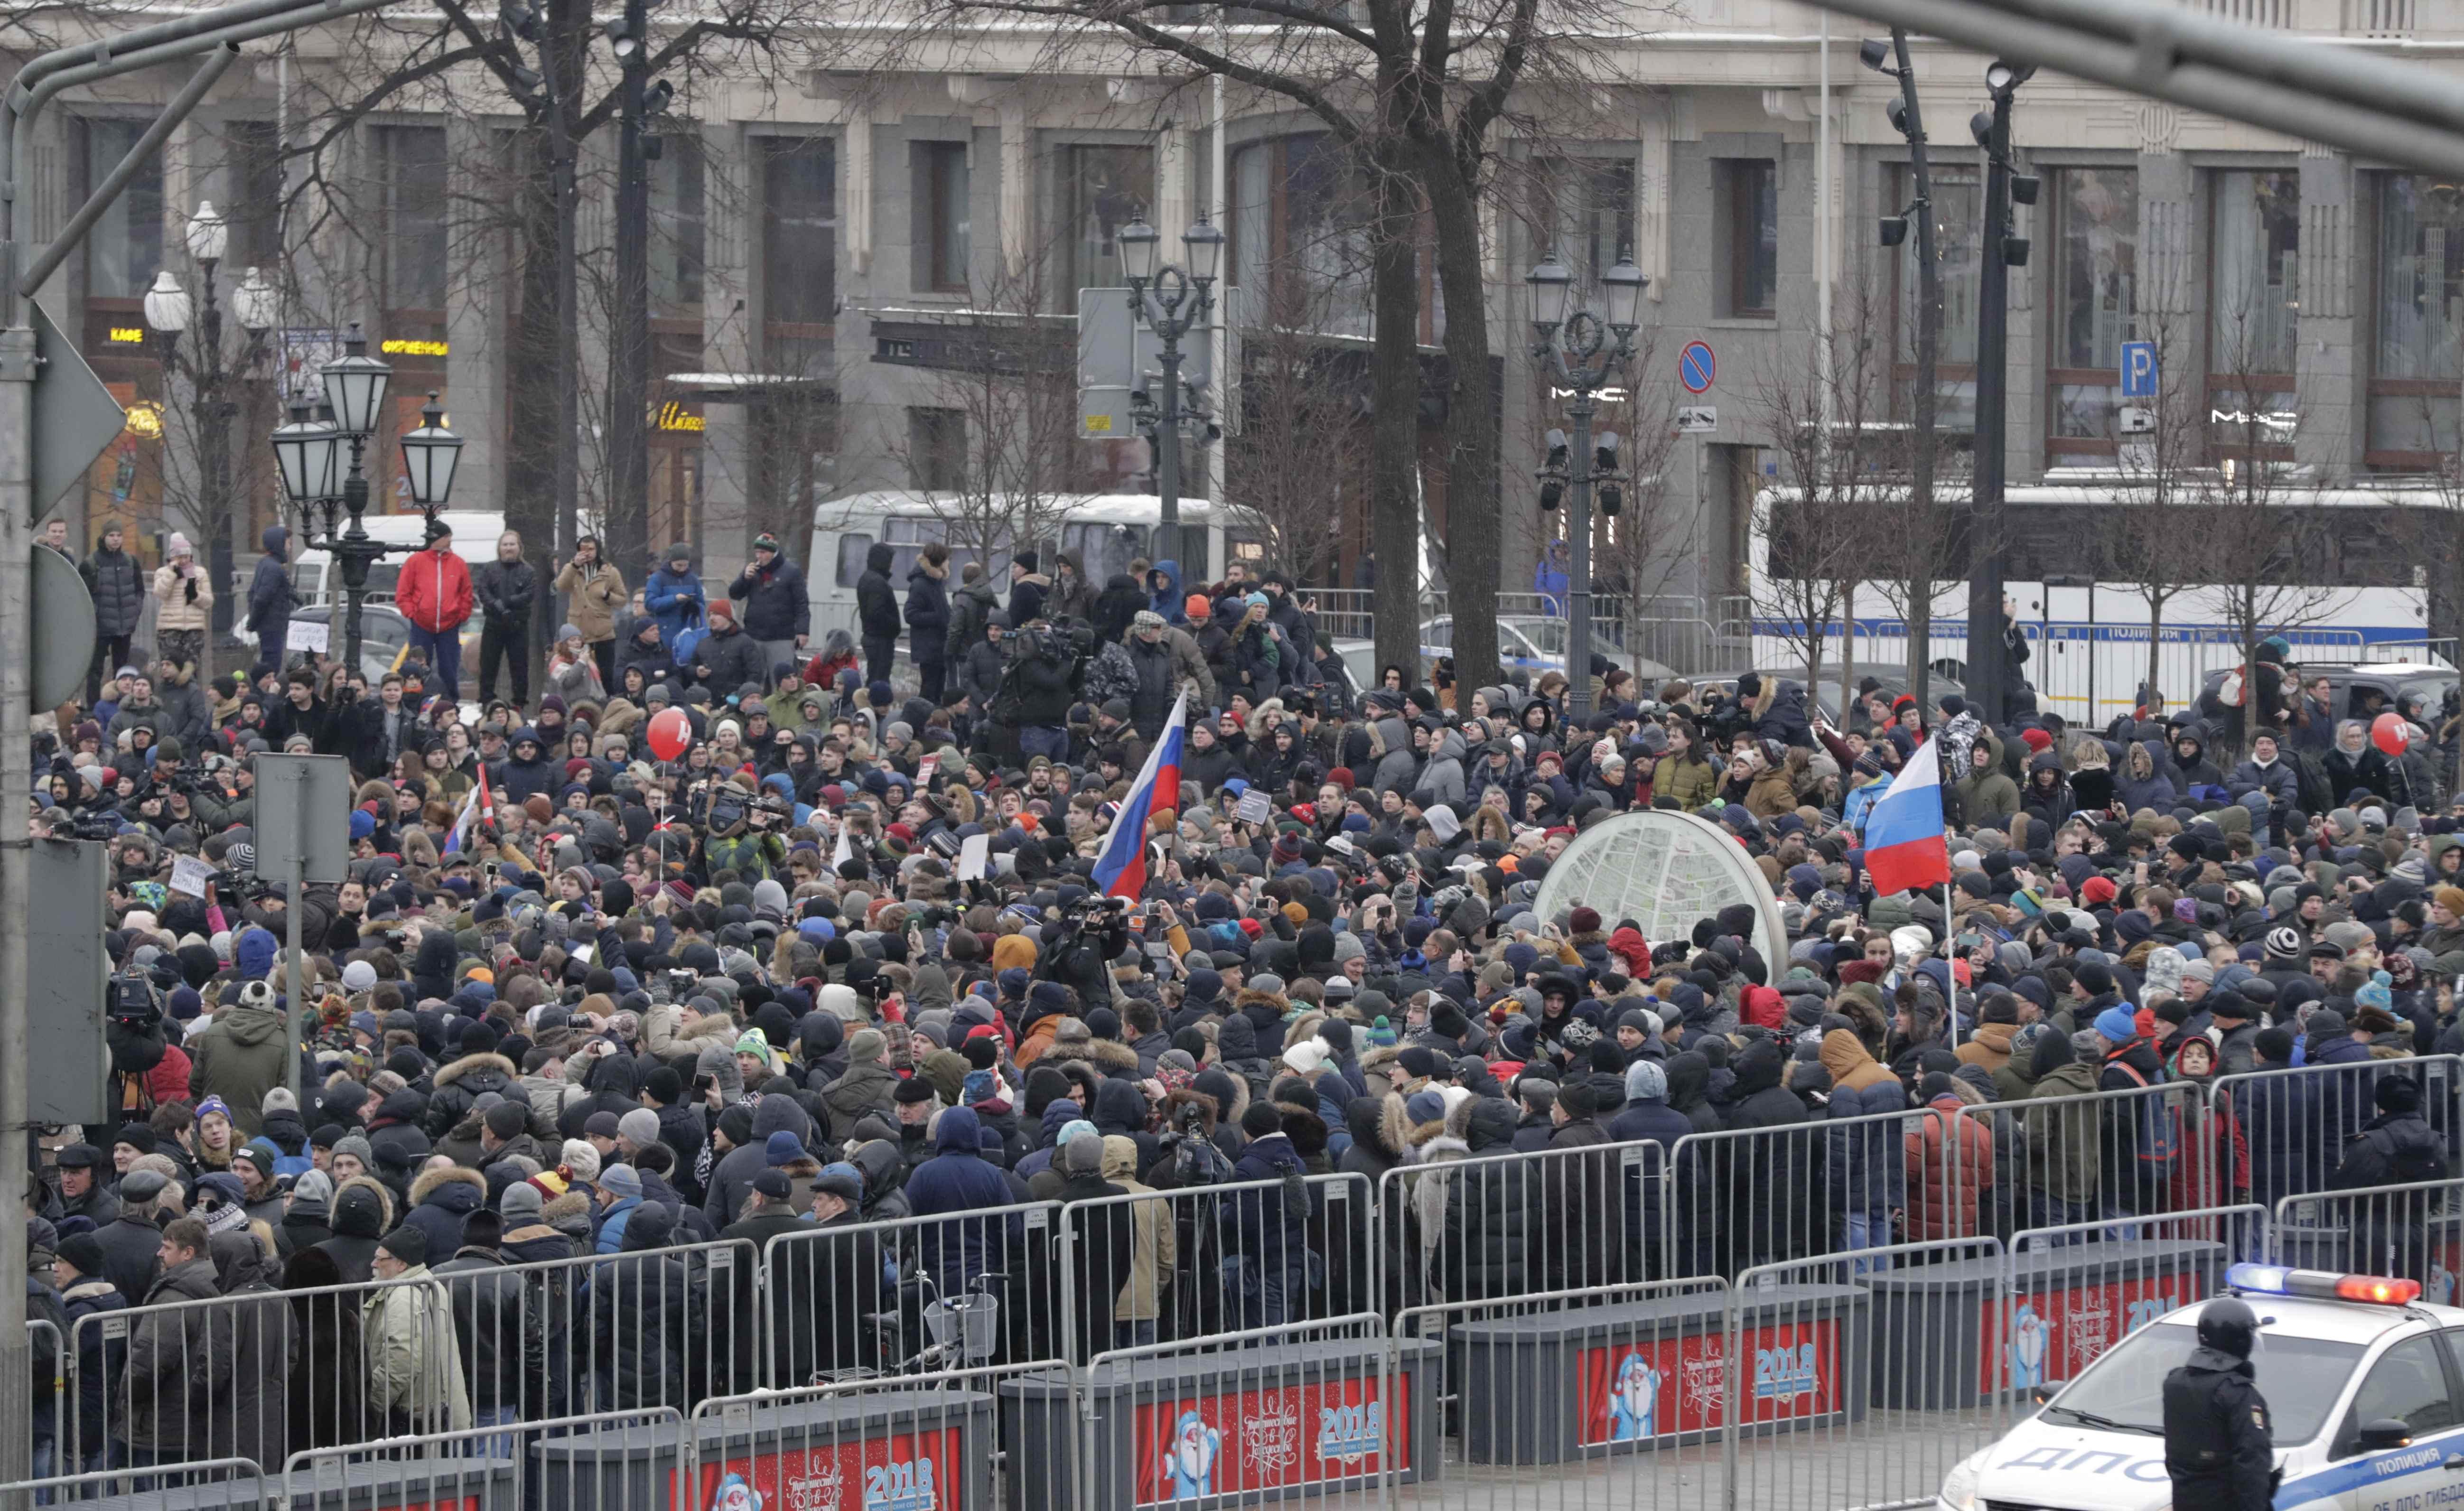 Ρωσία: Συνελήφθη ο Ναβάλνι σε διαδήλωση κατά του Πούτιν